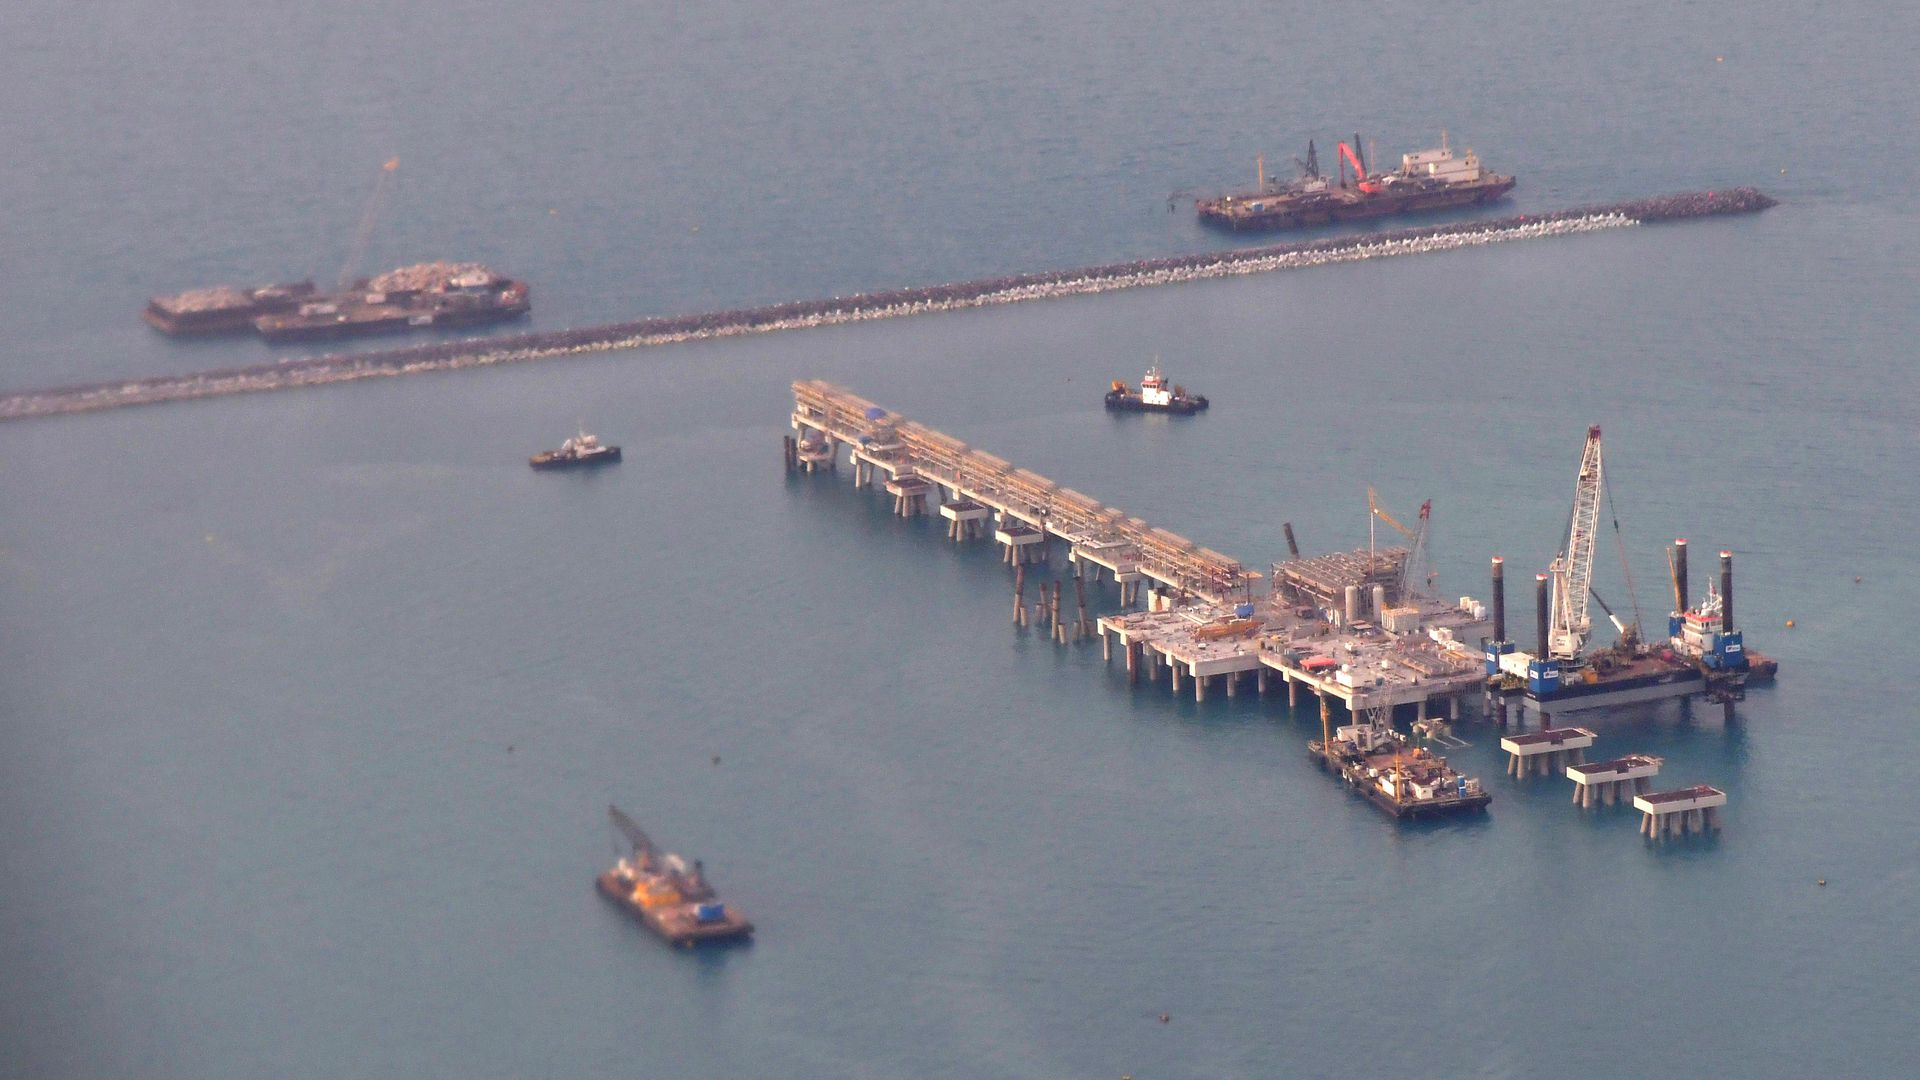 An oil platform in Bahrain.